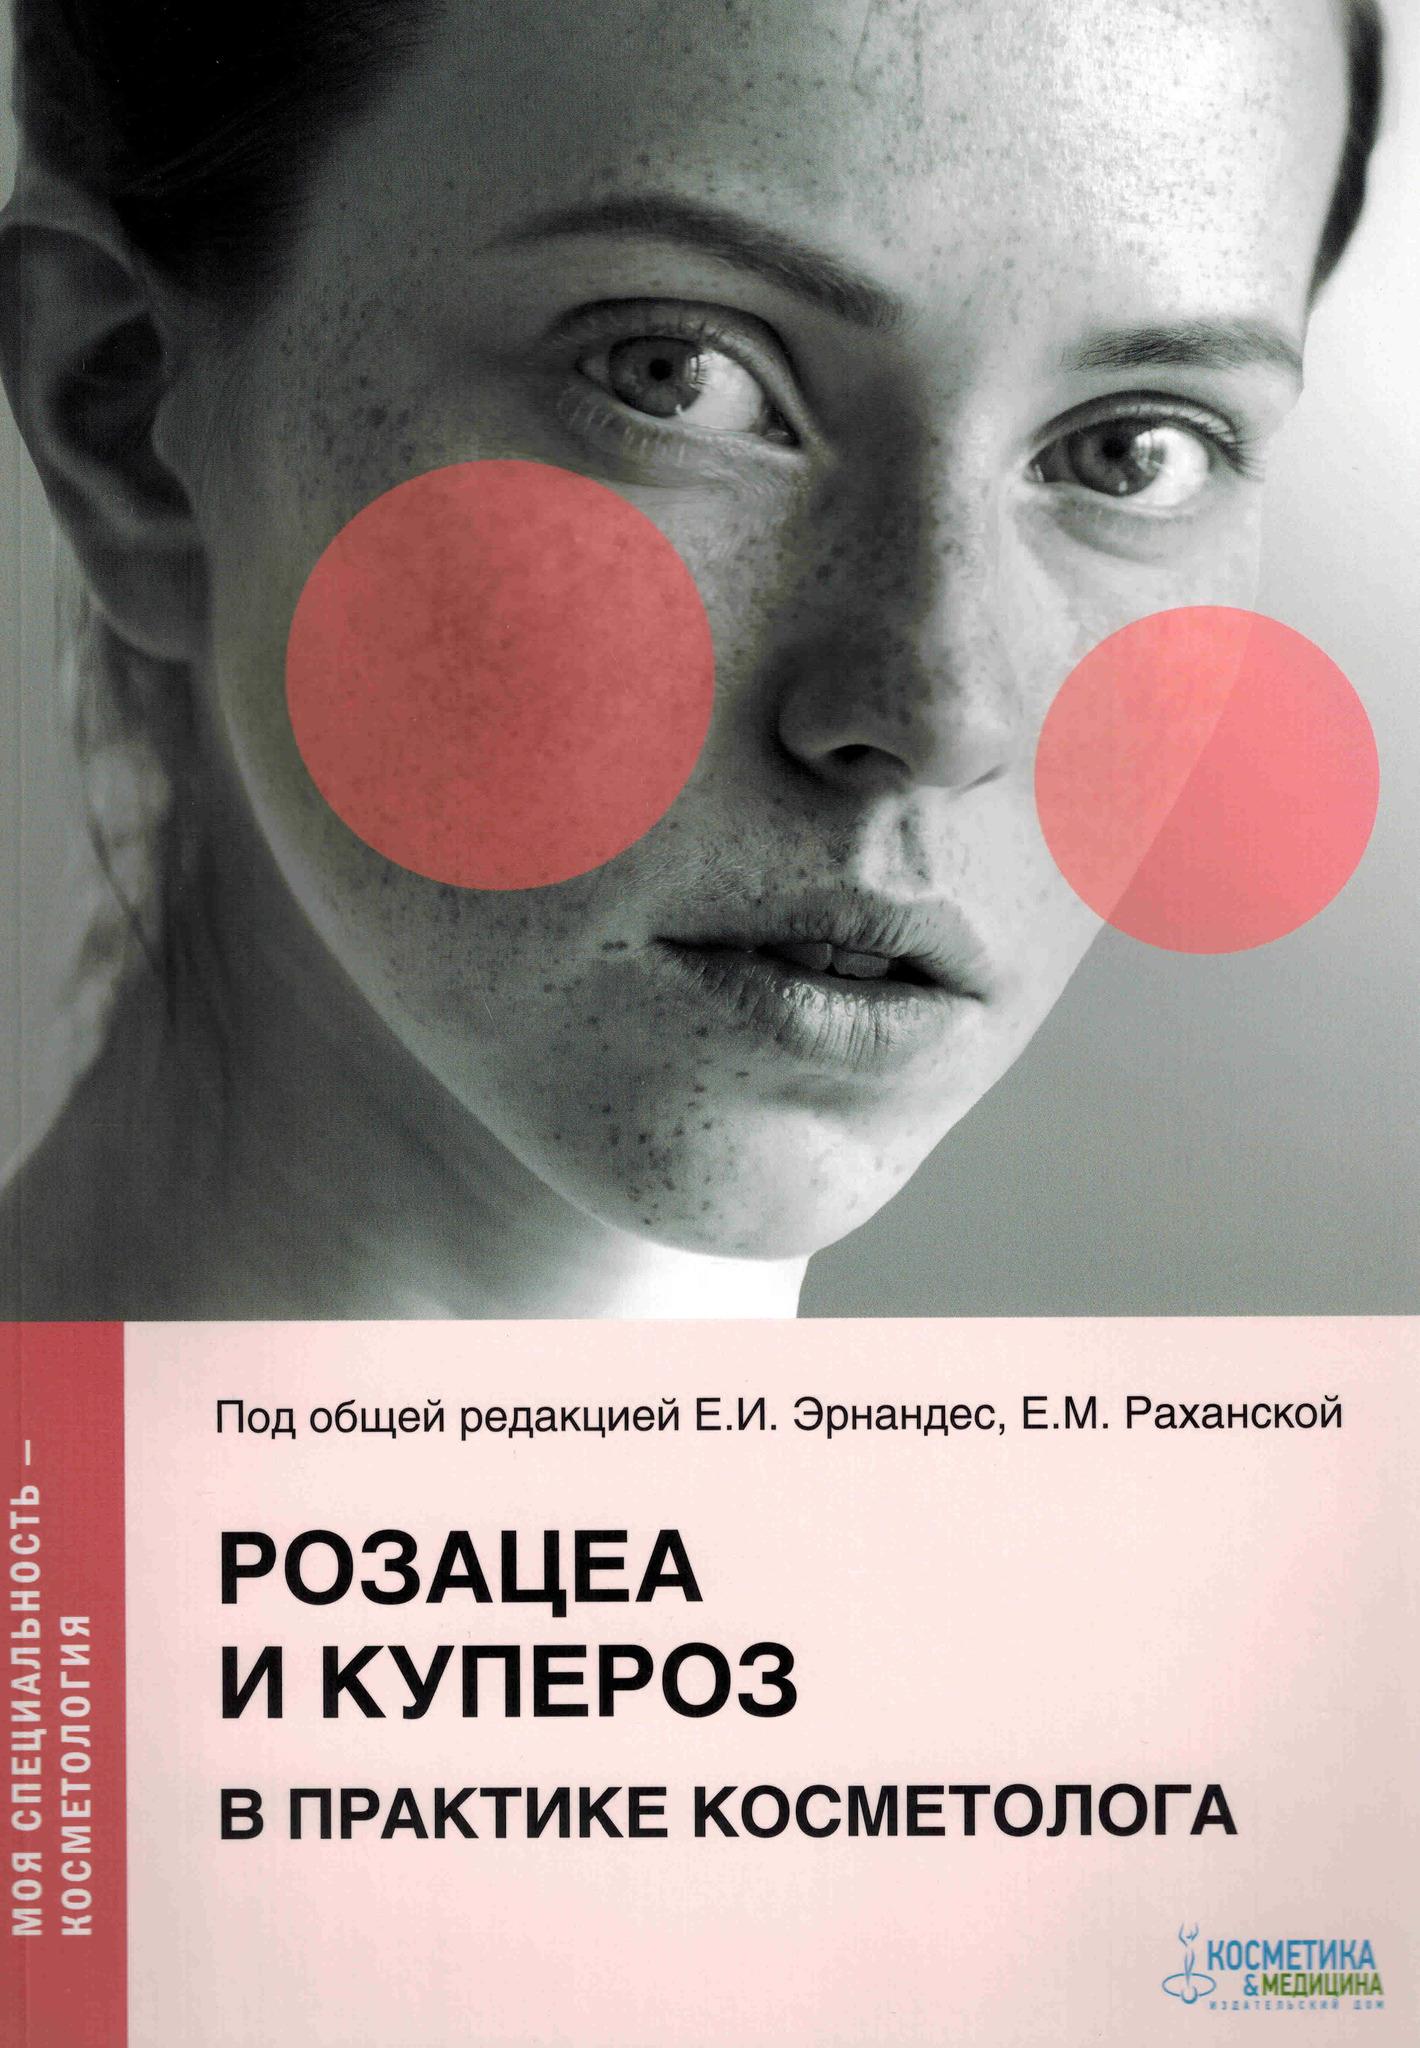 Новинки Розацеа и купероз в практике косметолога roz_i_kuper.jpg